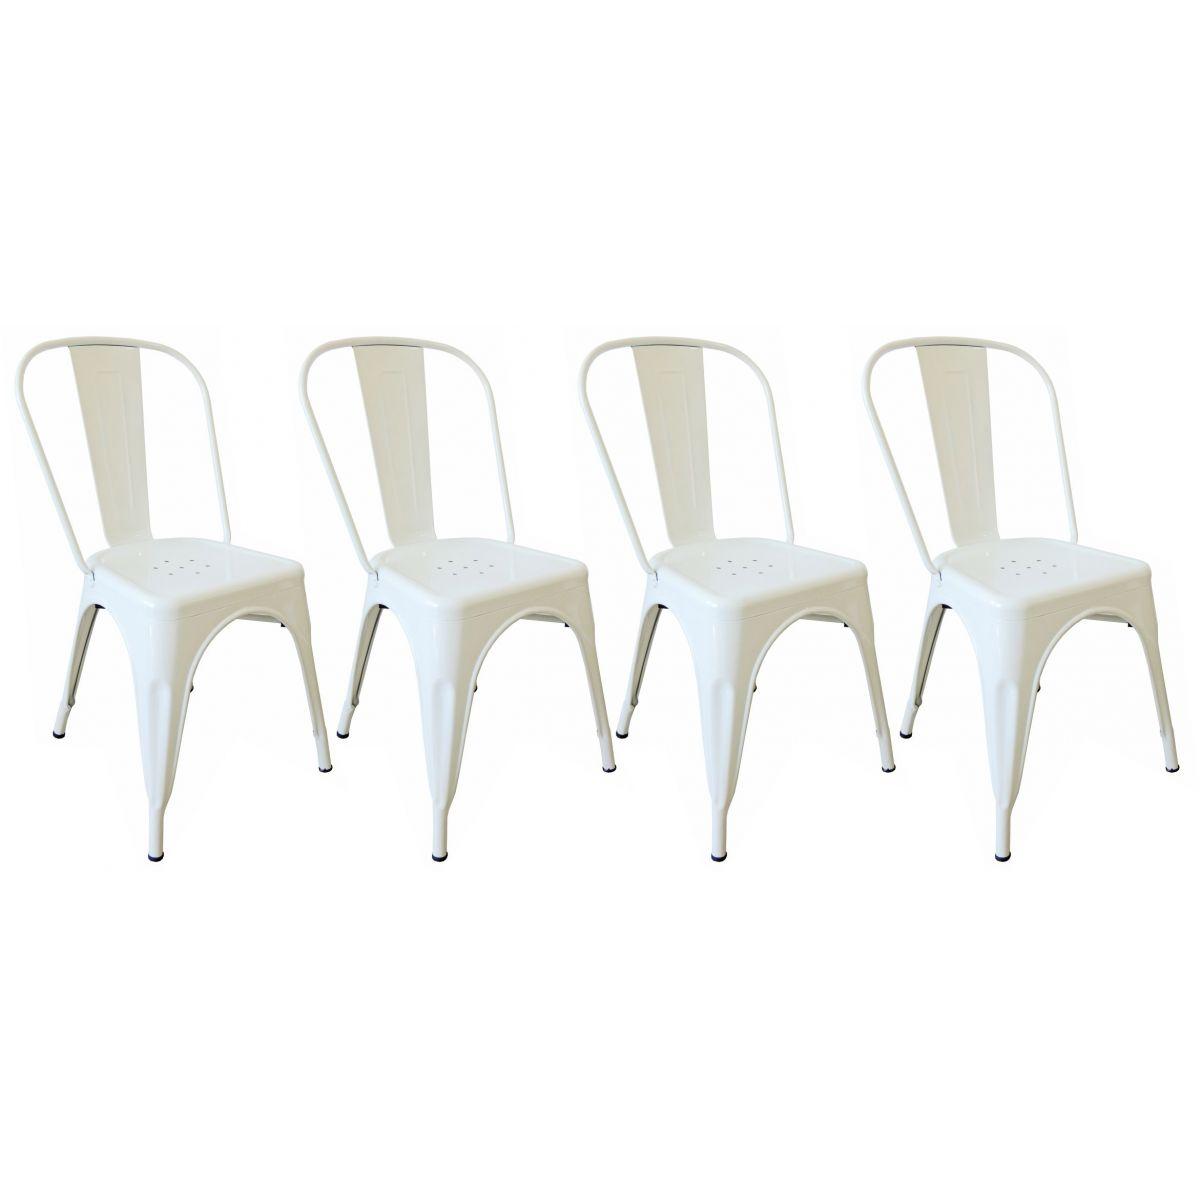 KIT 4 Cadeiras Design Tolix Metal Pelegrin PEL-1518 Cor Branca